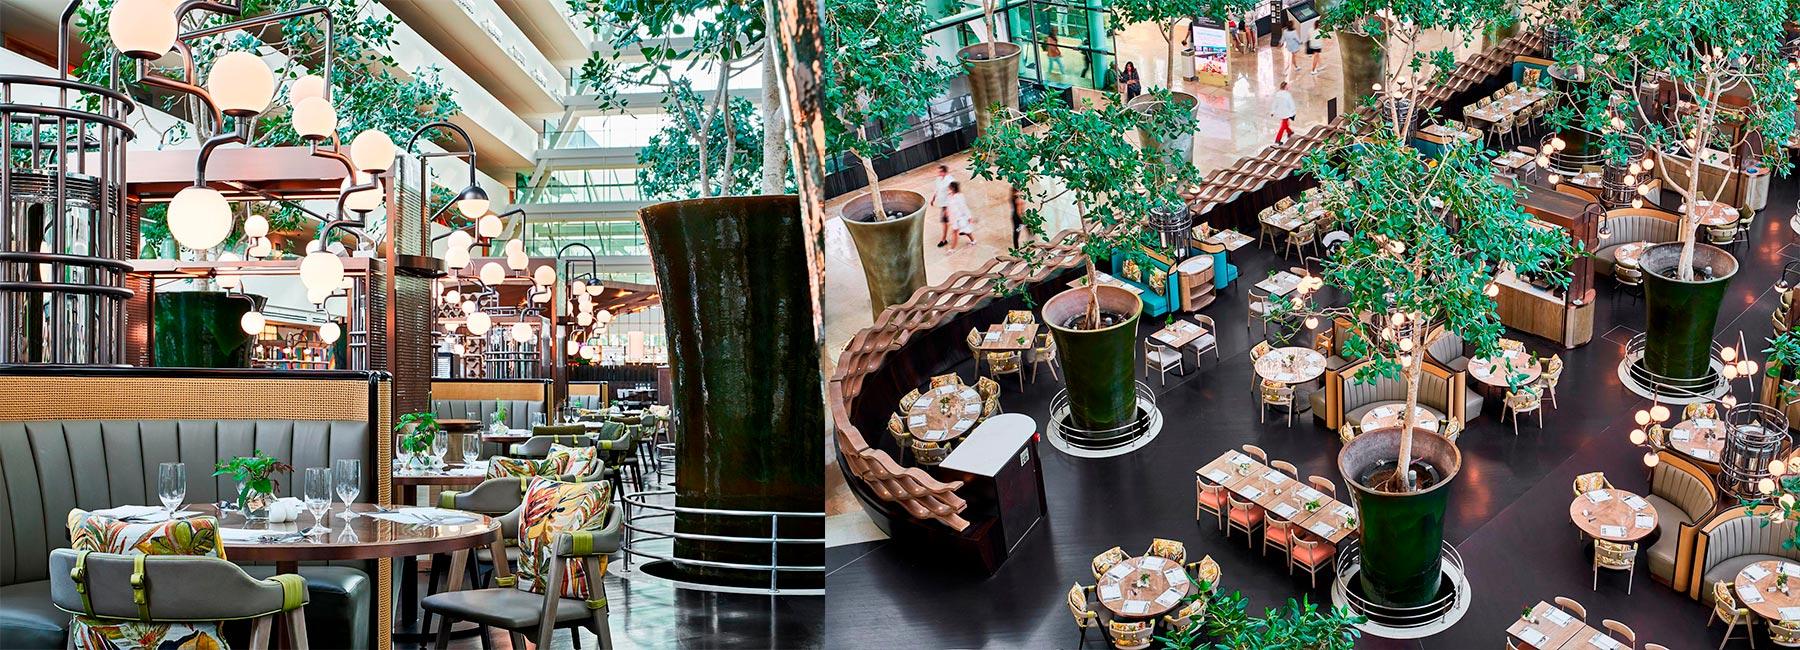 Дизайн интерьера ресторана в атриуме отеля Marina Bay Sands, Сингапур